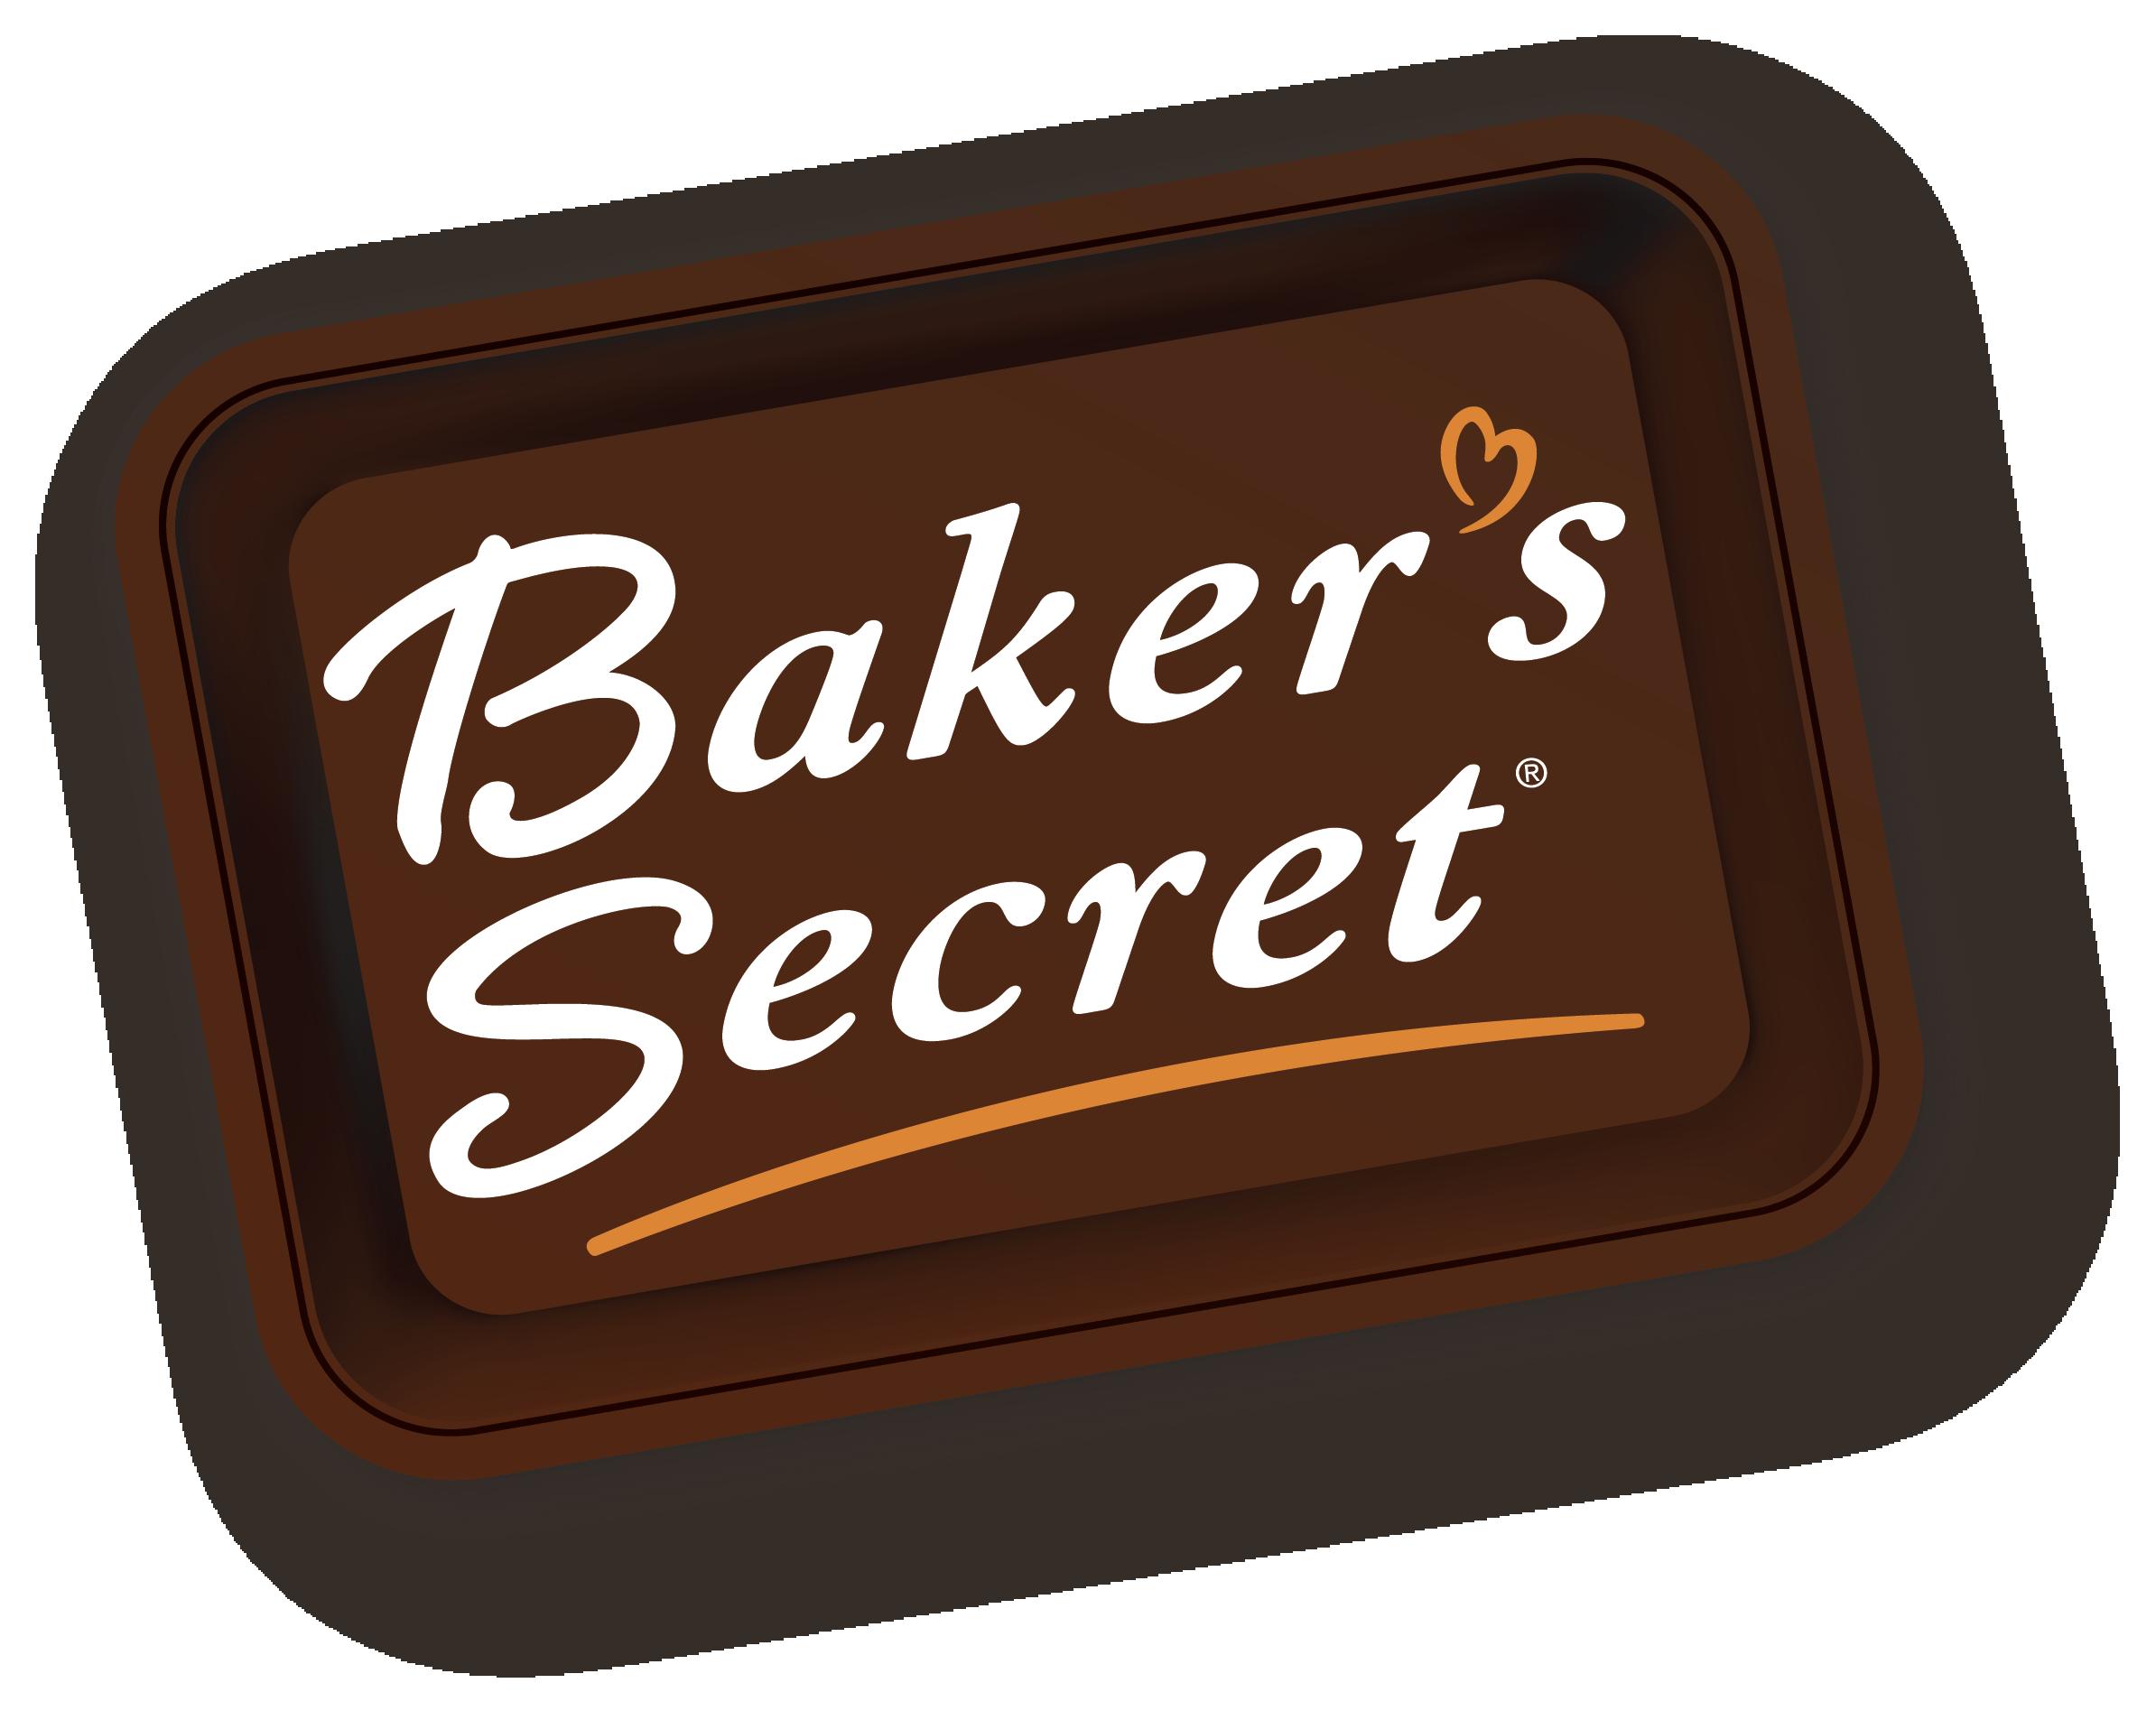 Baker's Secret® Announces Launch of E-Commerce Website and Amazon Store